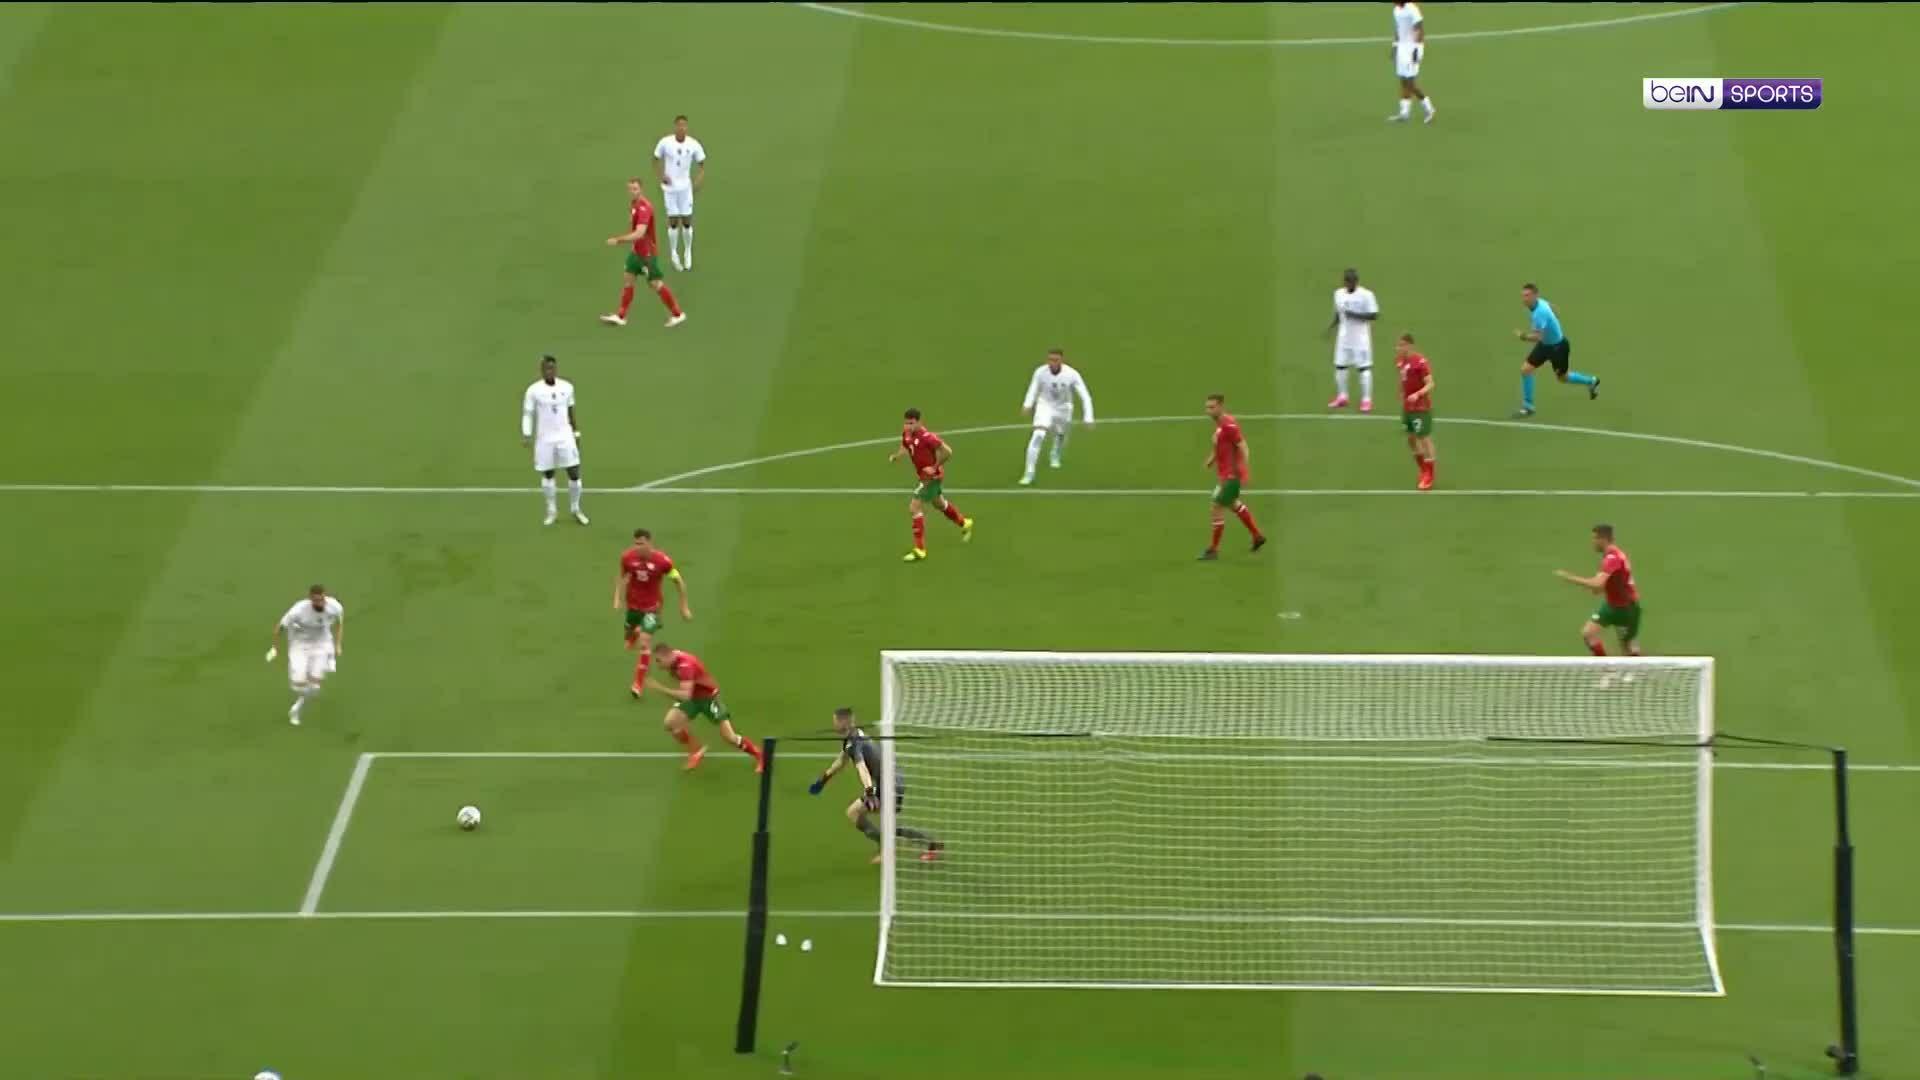 ฝรั่งเศส 3-0 บัลแกเรีย